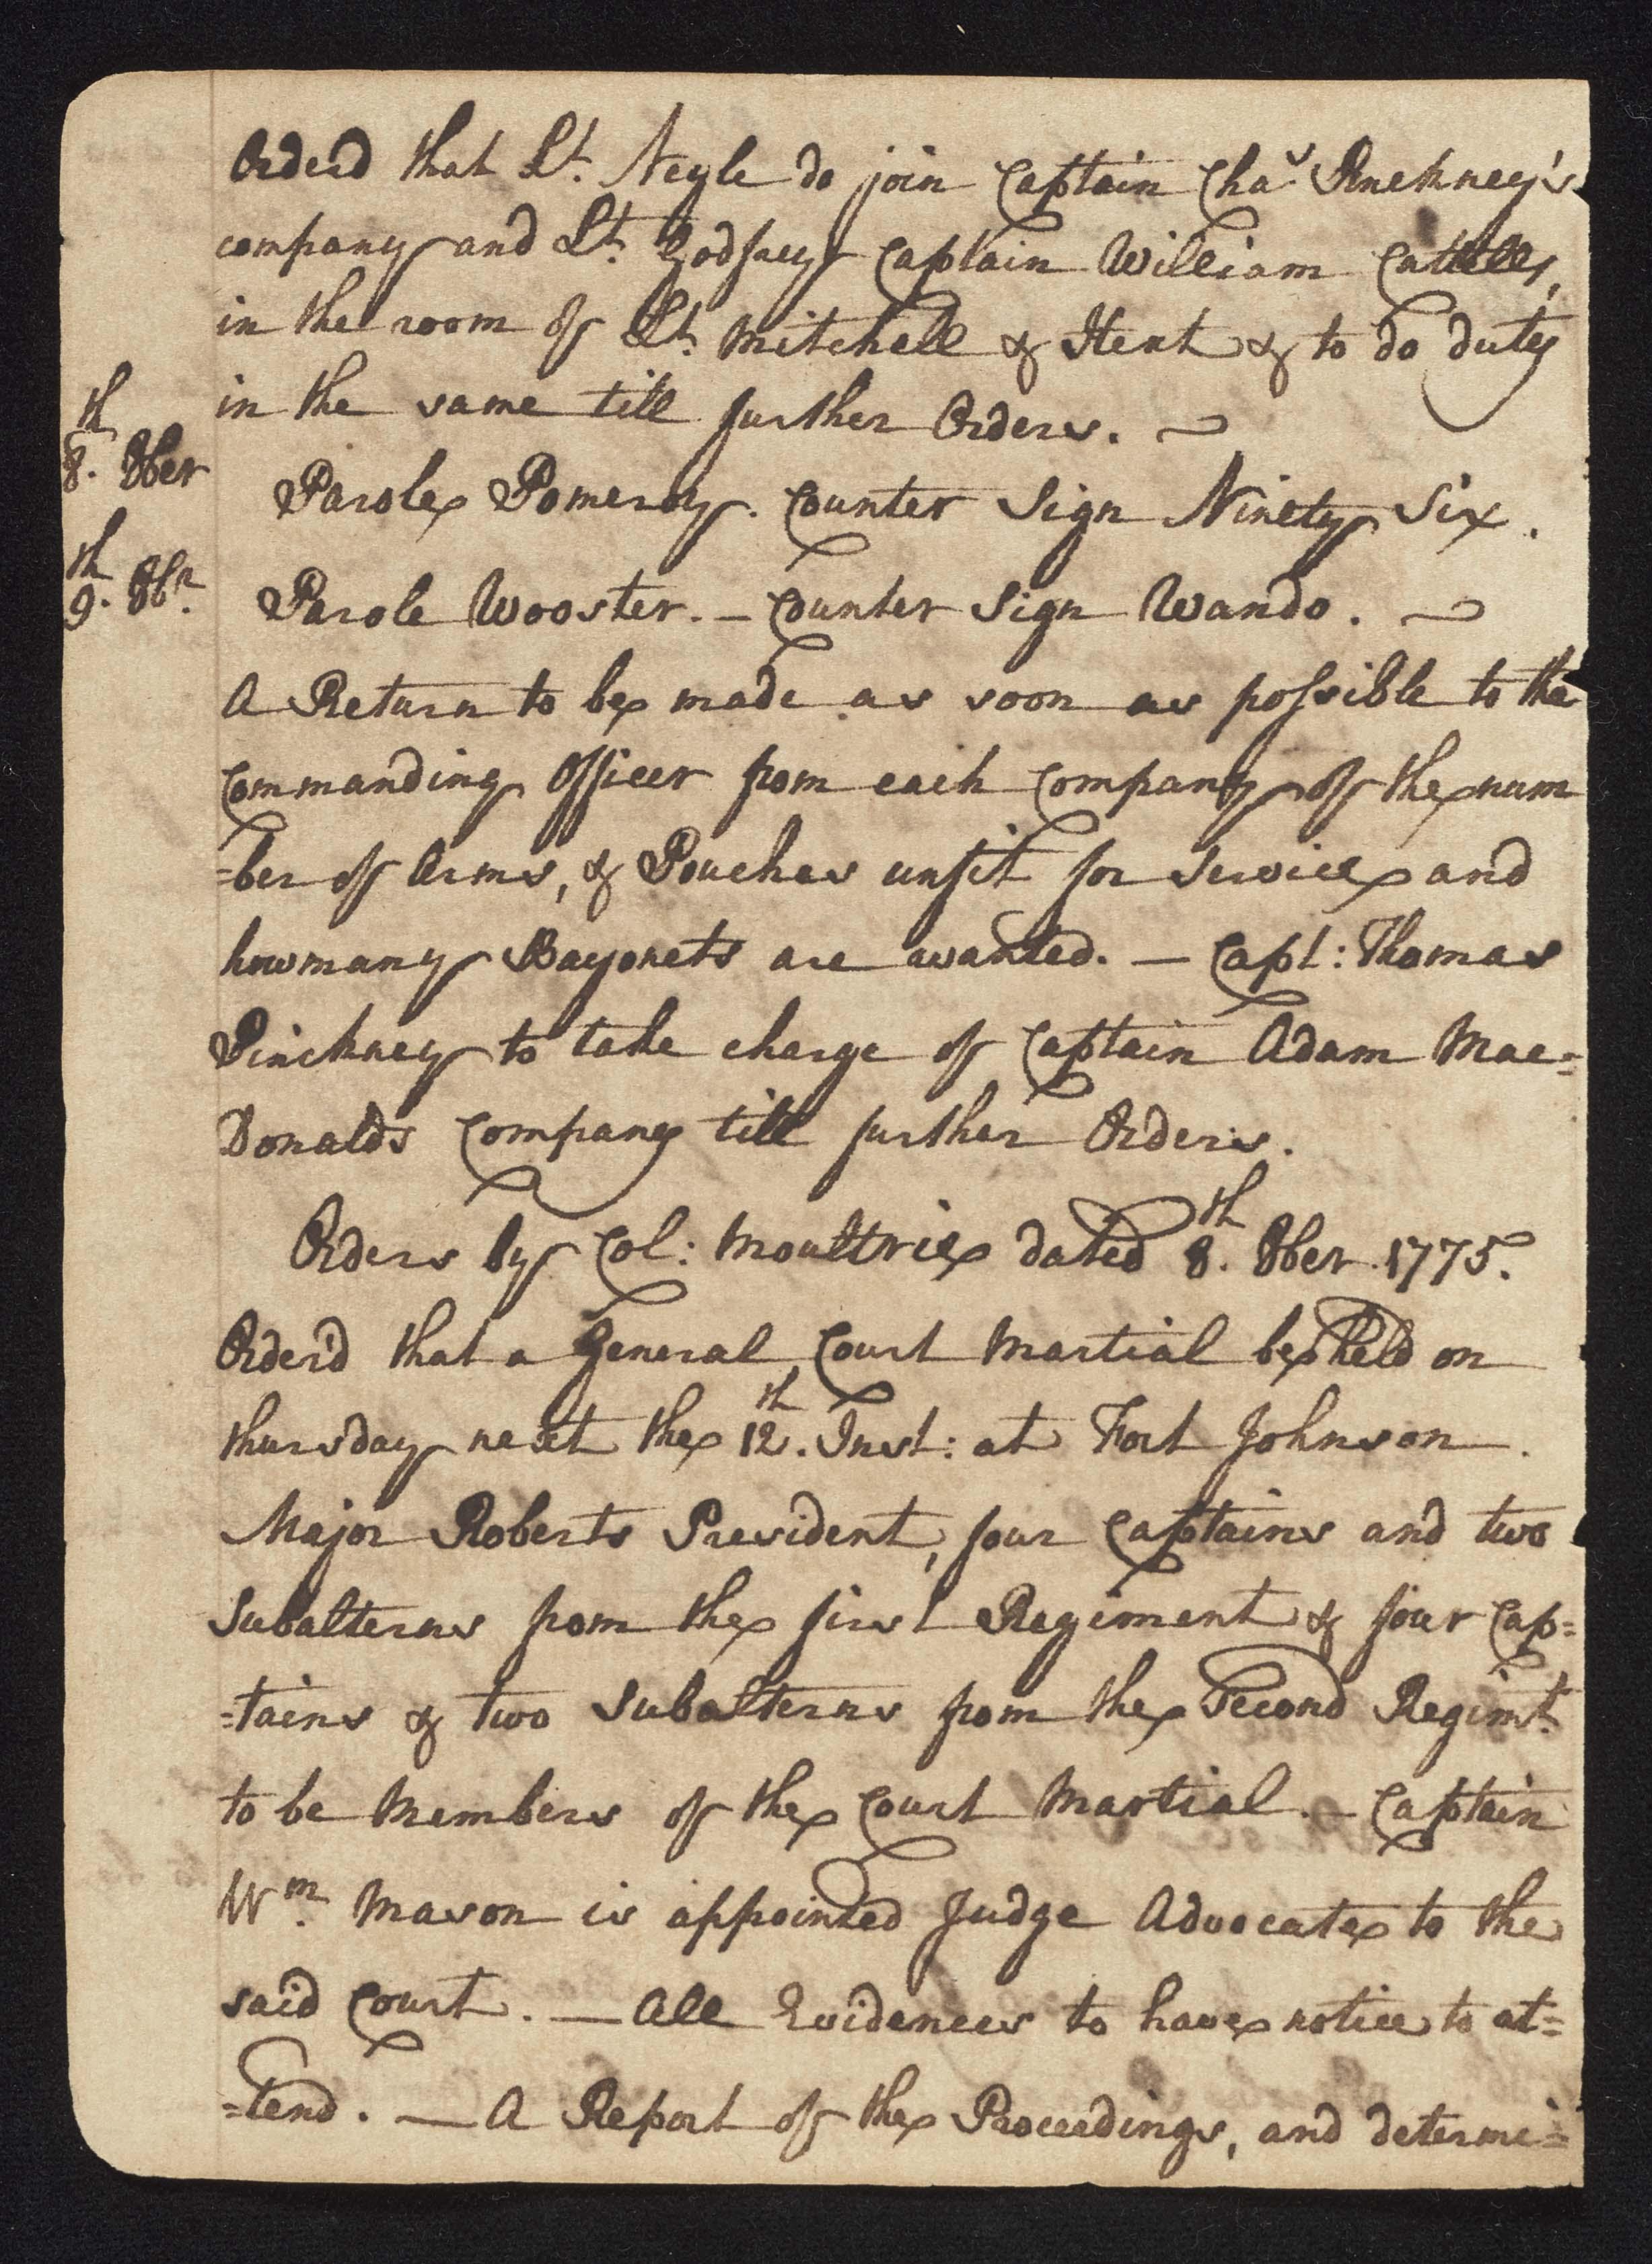 South Carolina Regiment Order Book, Page 28